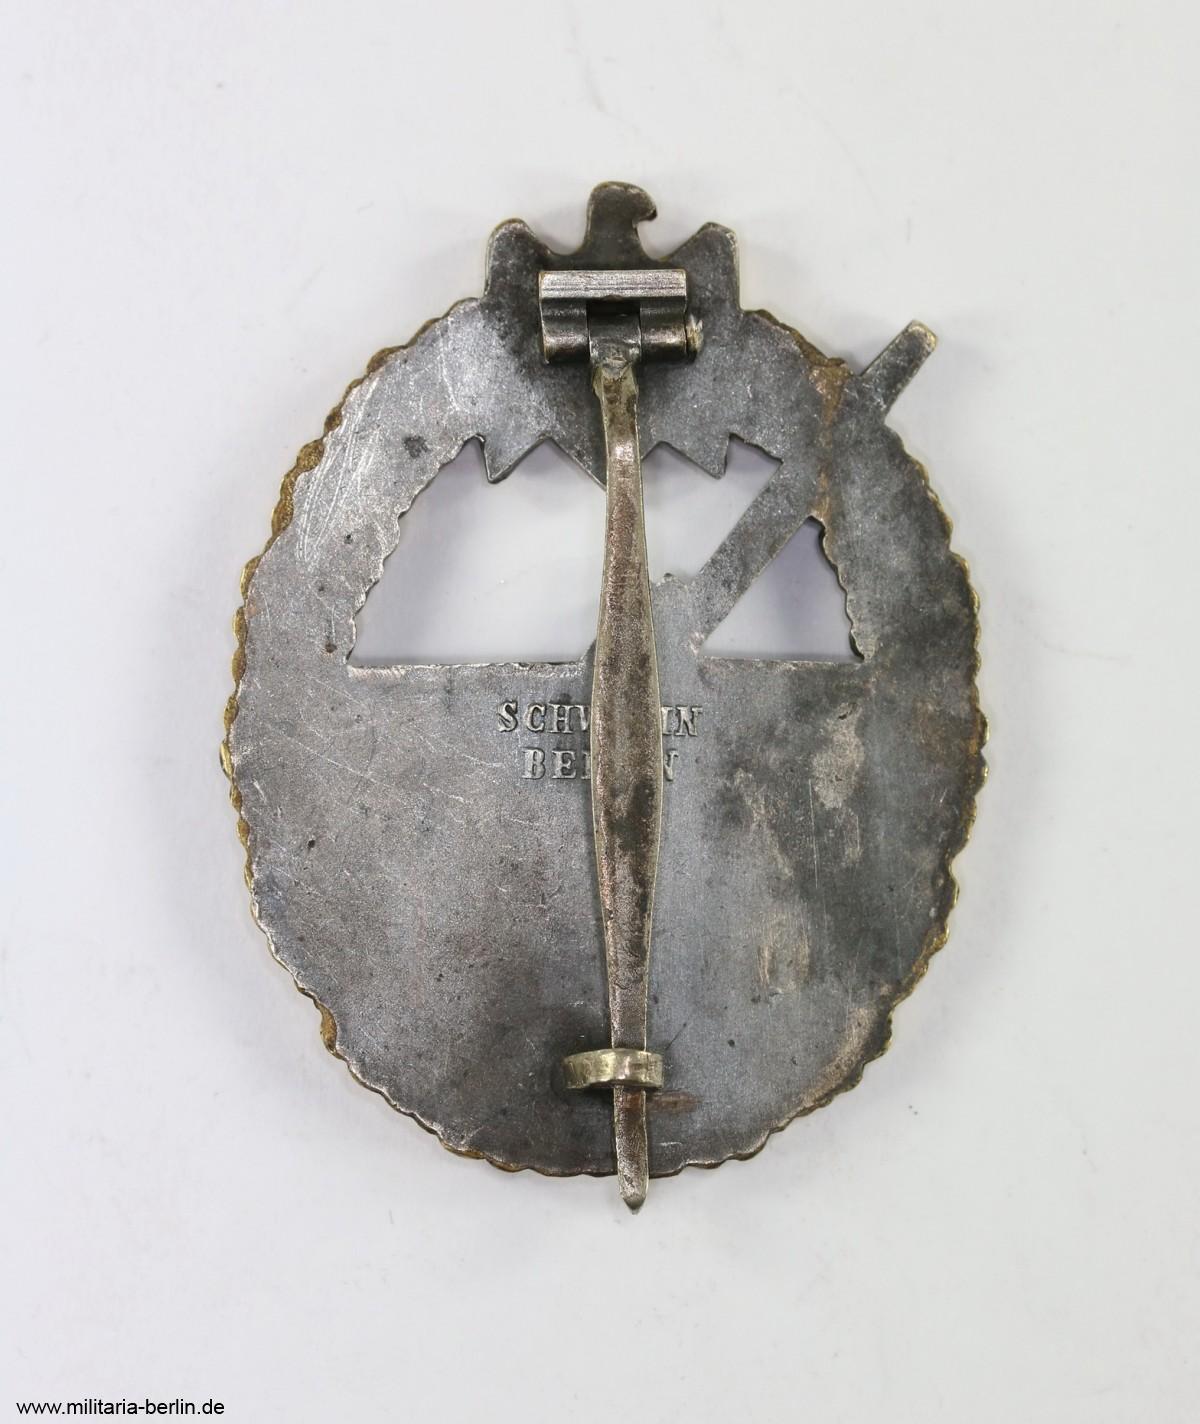 kriegsabzeichen-der-marine-artillerie-rückseite